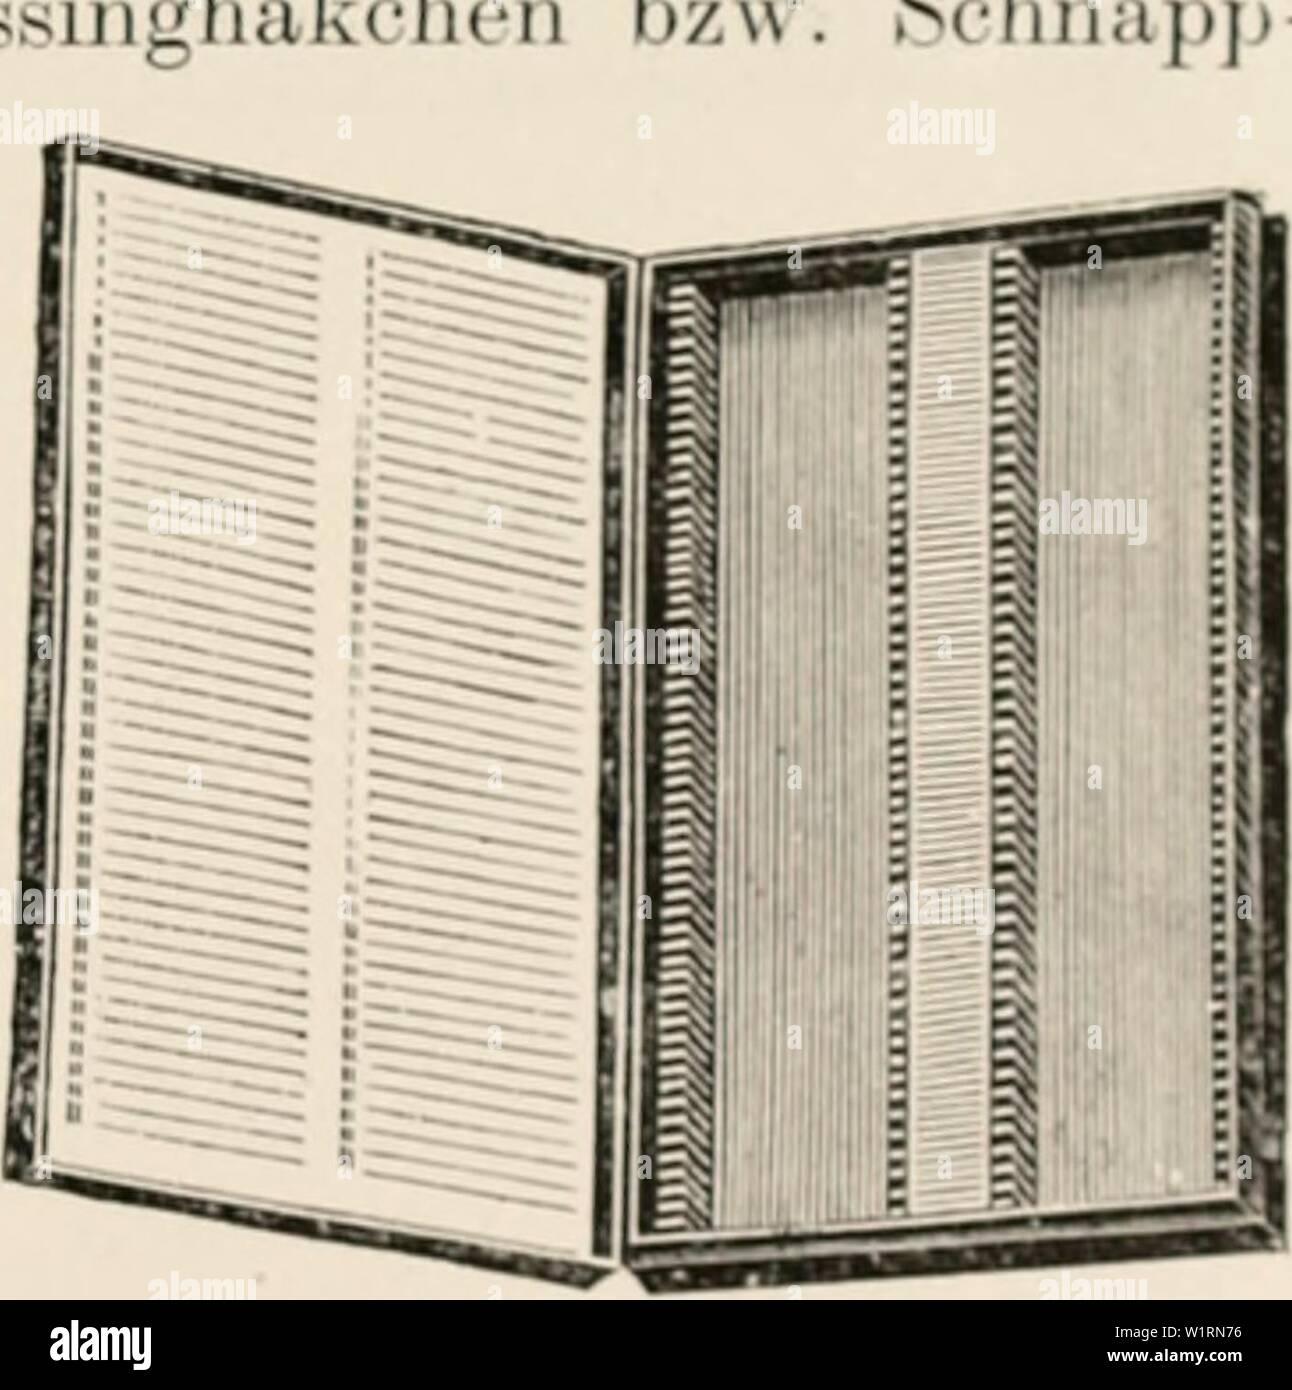 Acalendar Anleitung archive image from page 72 of das botanische praktikum